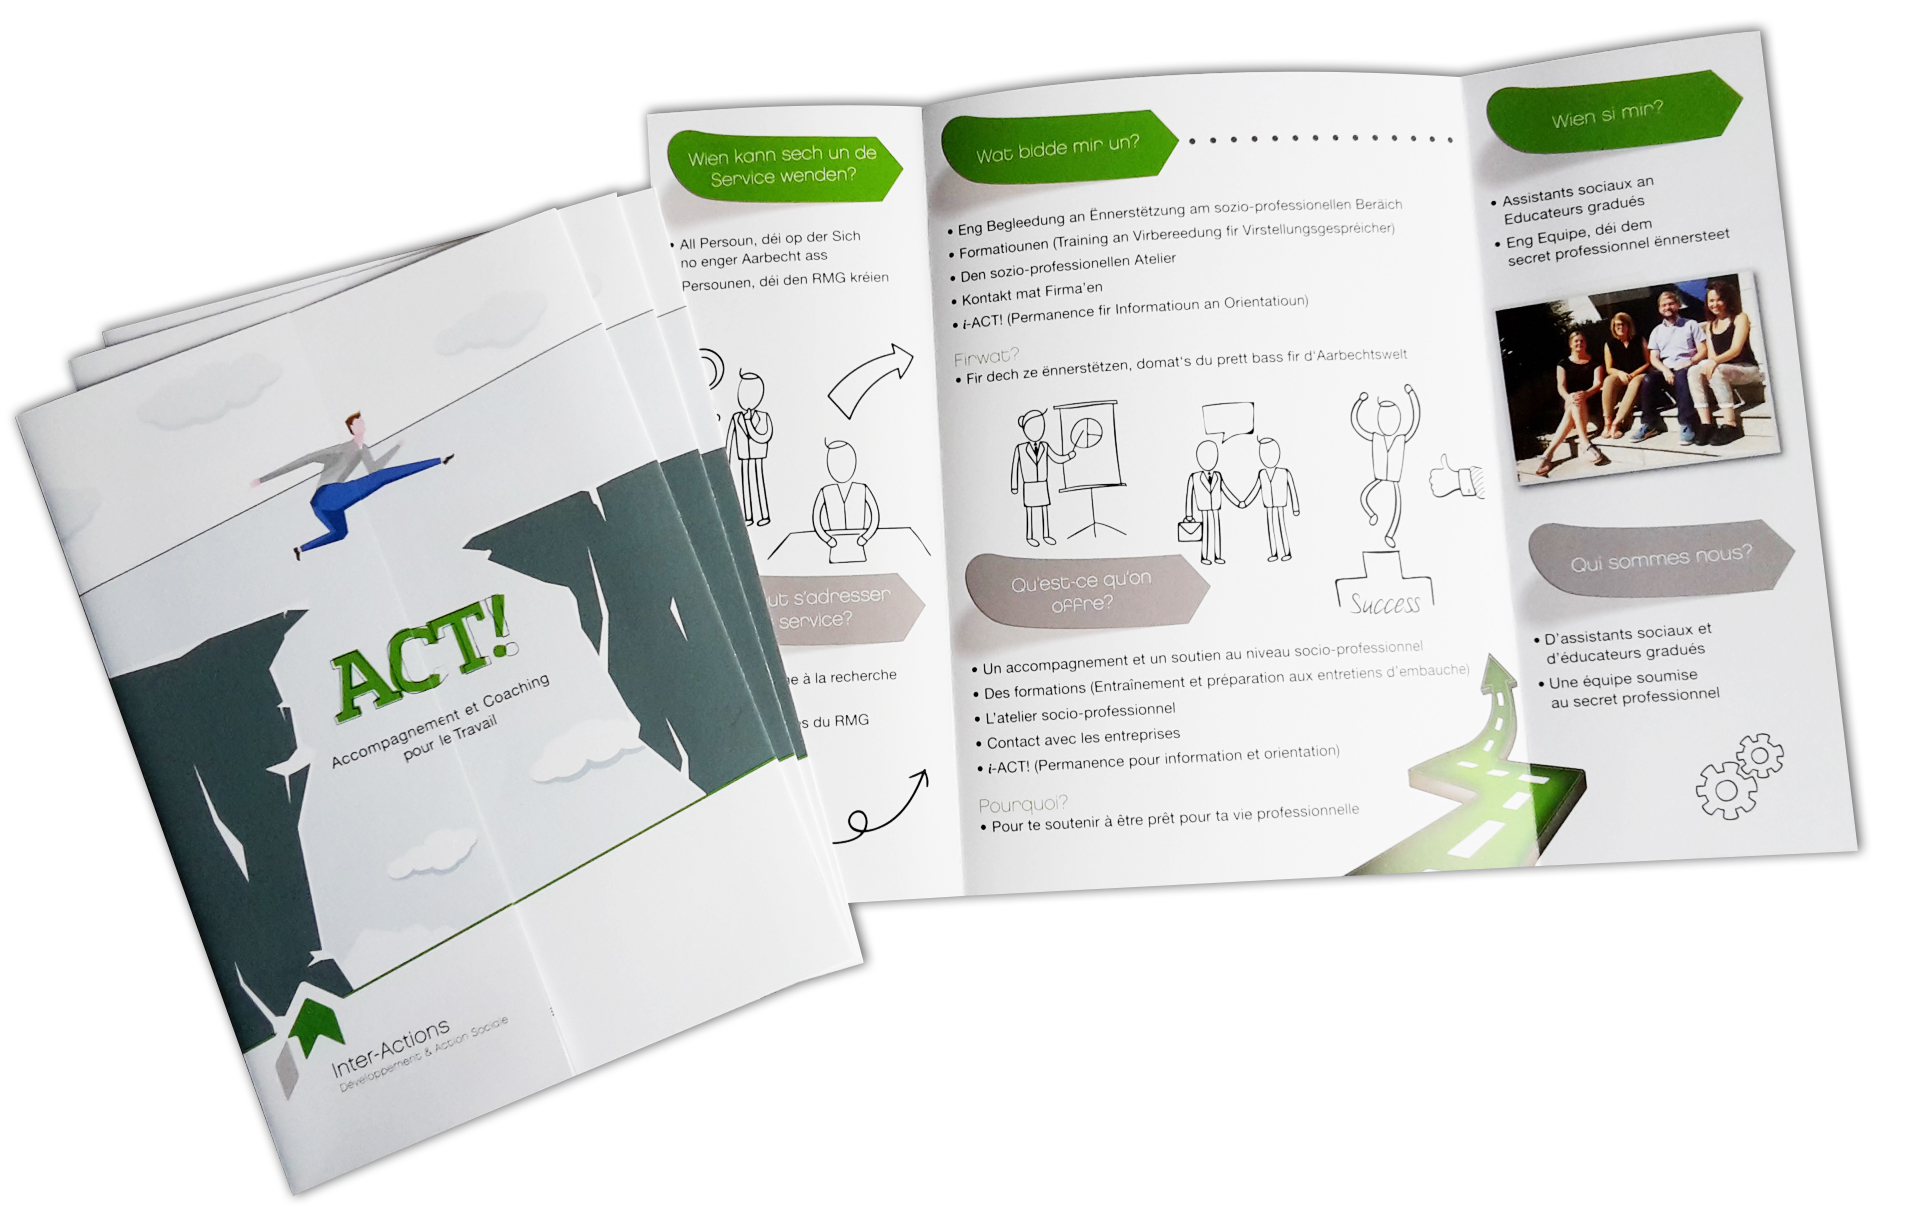 ACT! - Flyer A5 2 plis